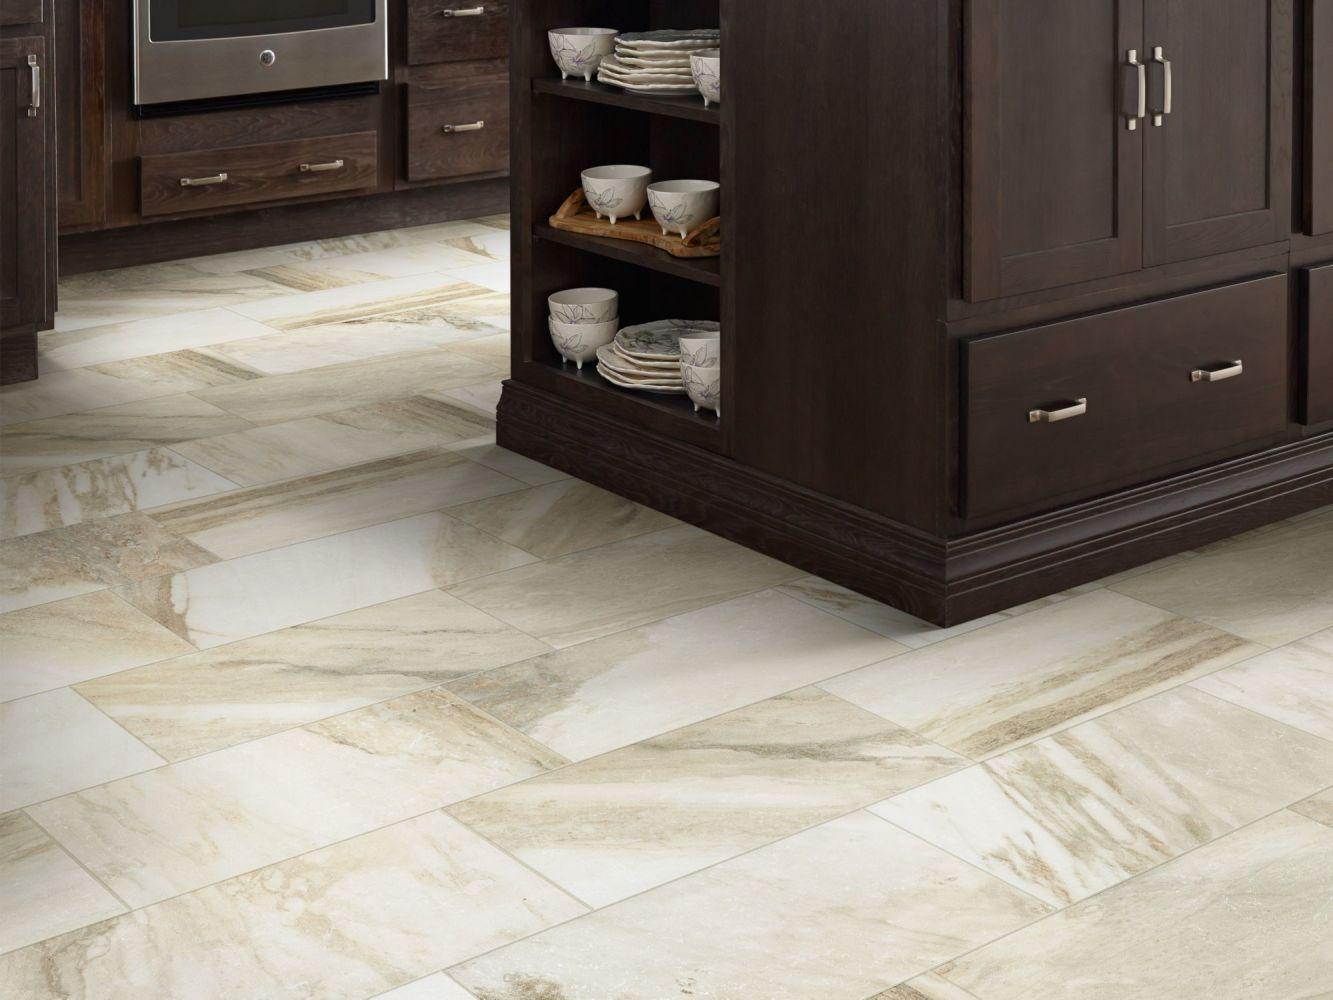 Shaw Floors Home Fn Gold Ceramic Capitol 12×24 Breccia 00200_TGN74